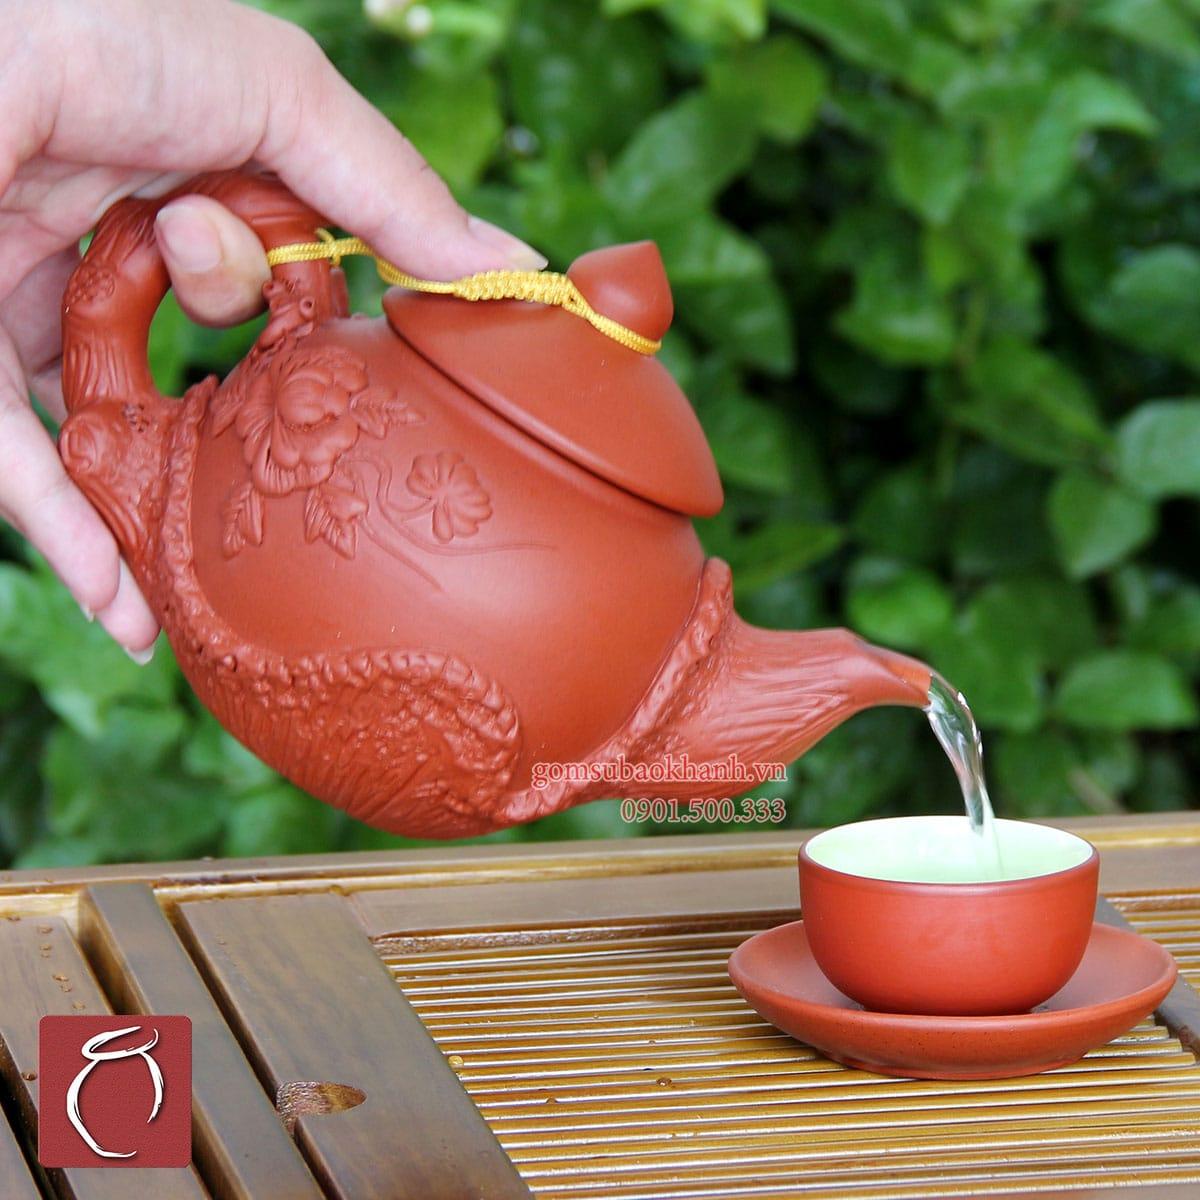 Bộ ấm chén tử sa đỏ đắp nổi hoa Phù Dung và phụ kiện